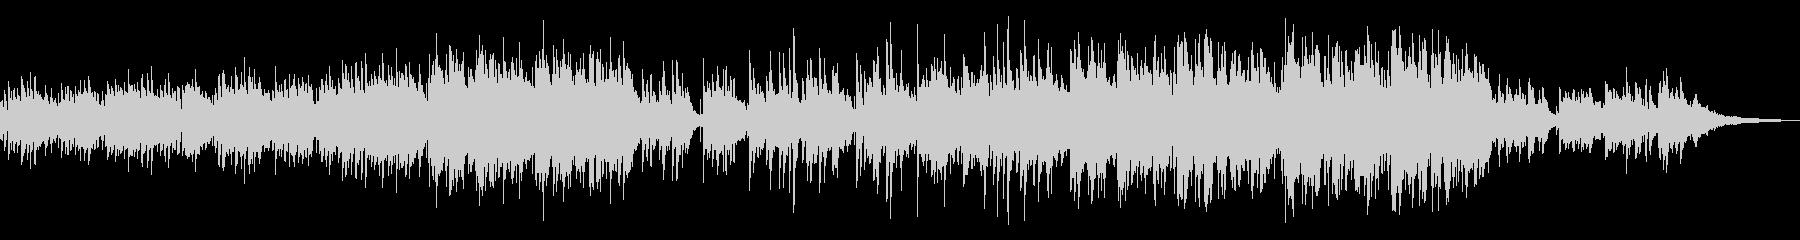 【リズム抜き】ノスタルジックなアコギアンの未再生の波形